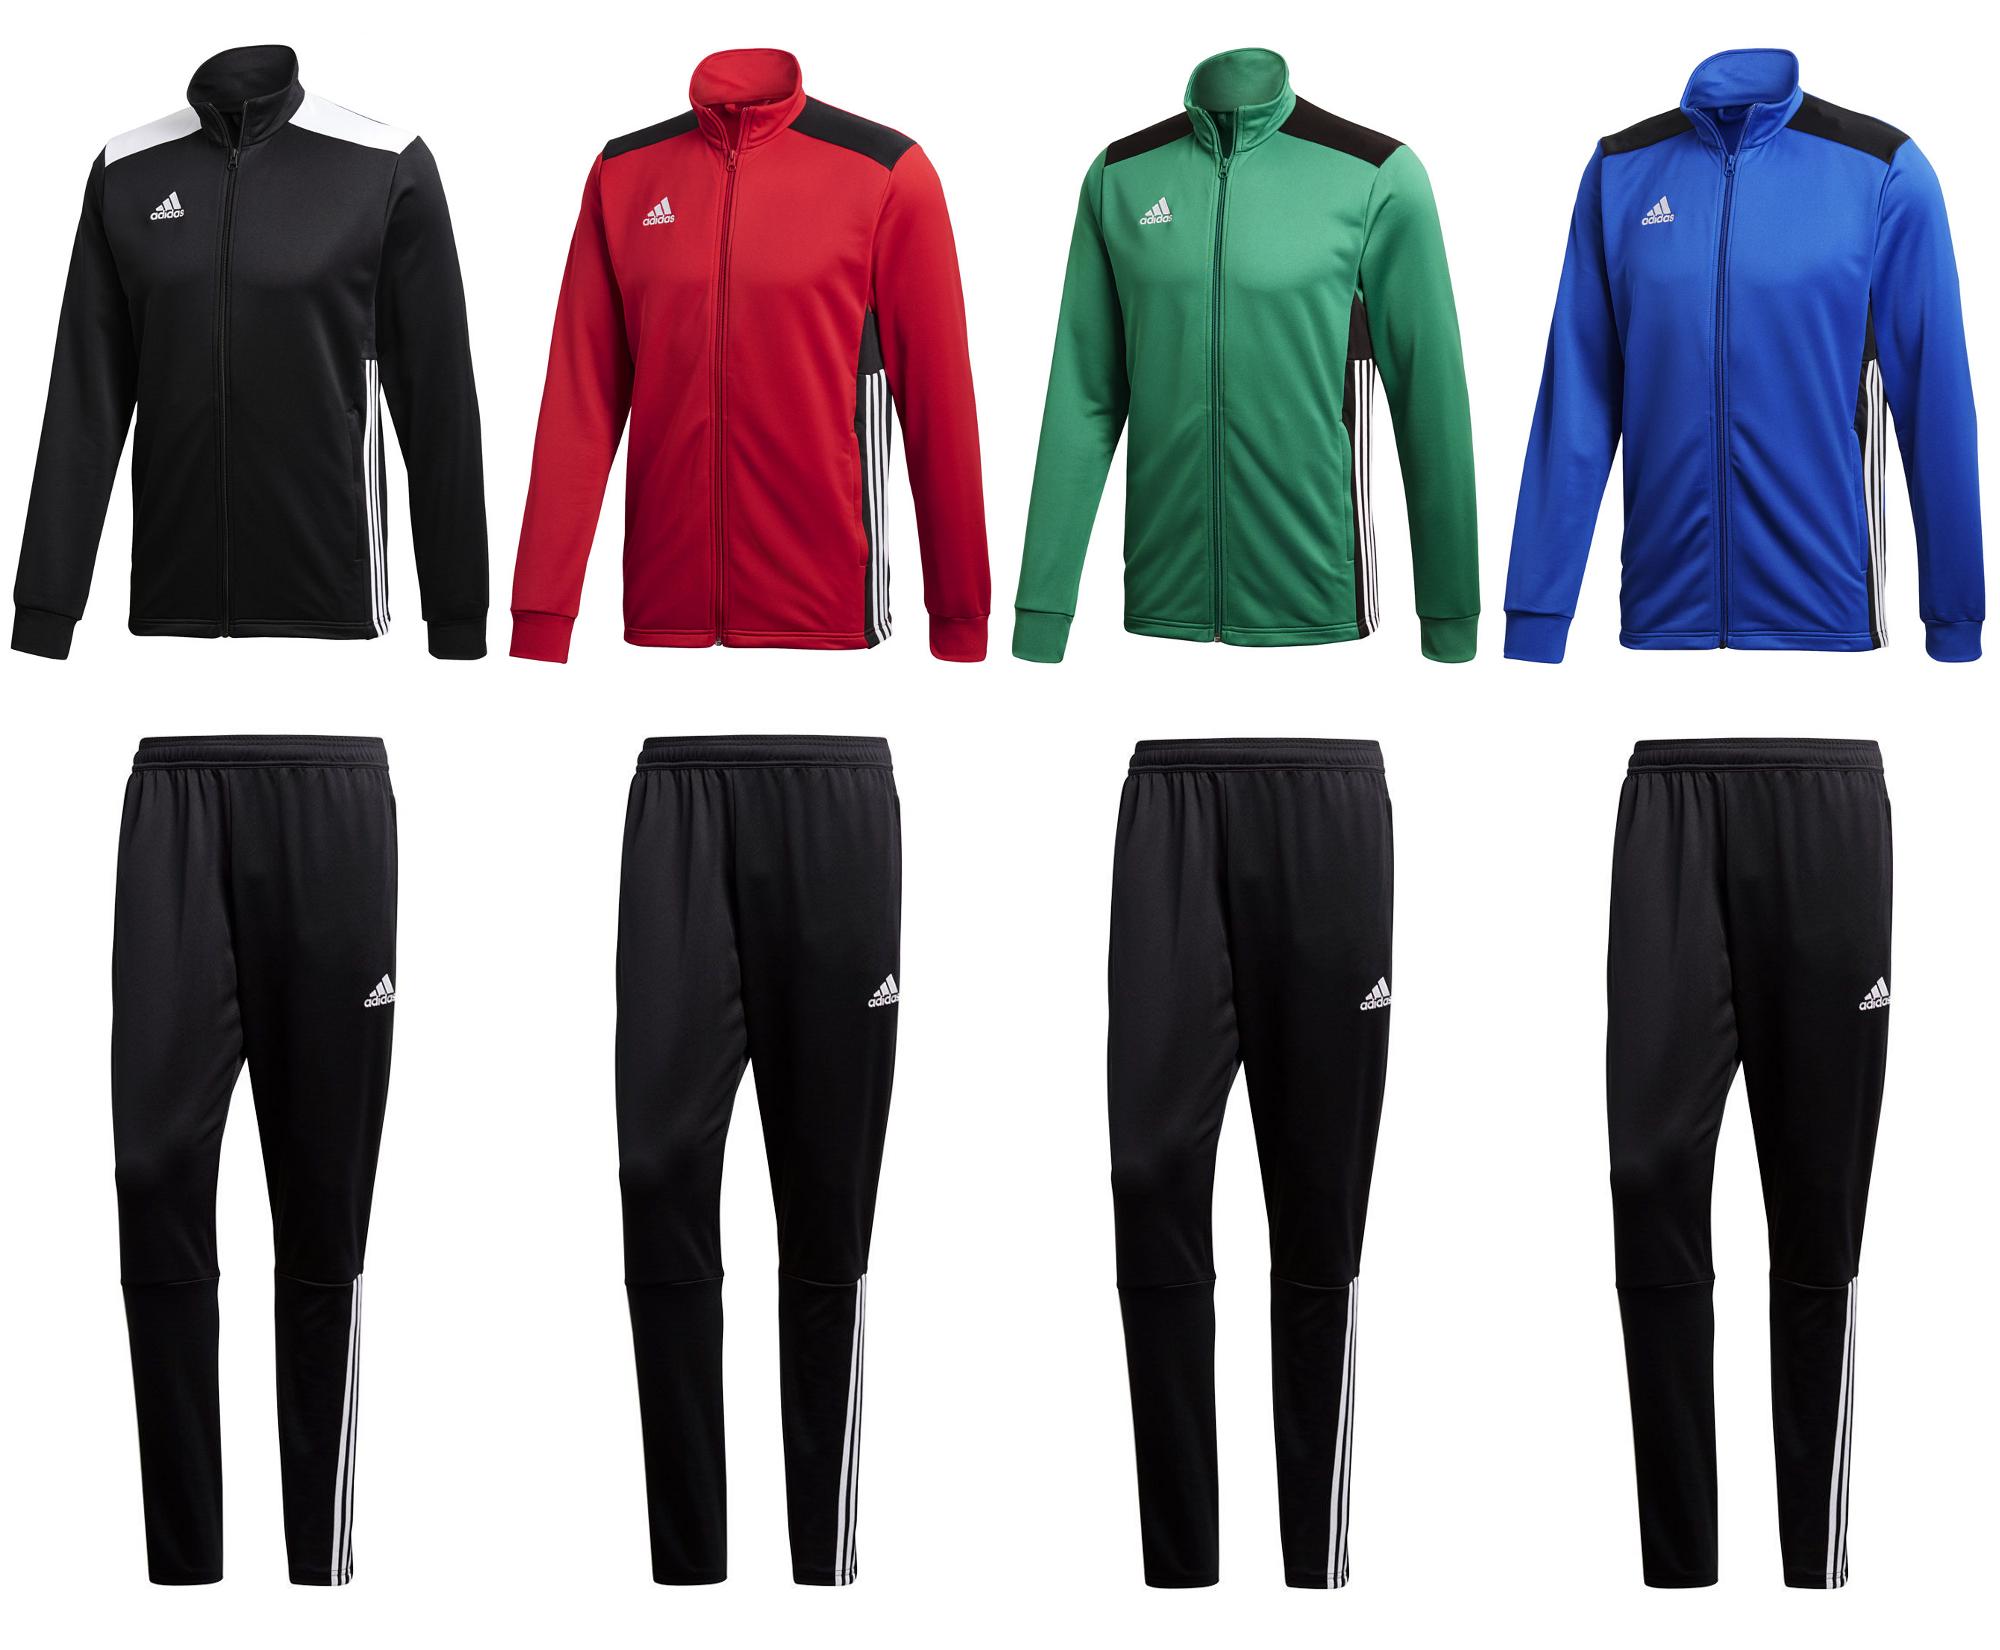 adidas Trainingsanzüge kaufen – online bei GALERIA